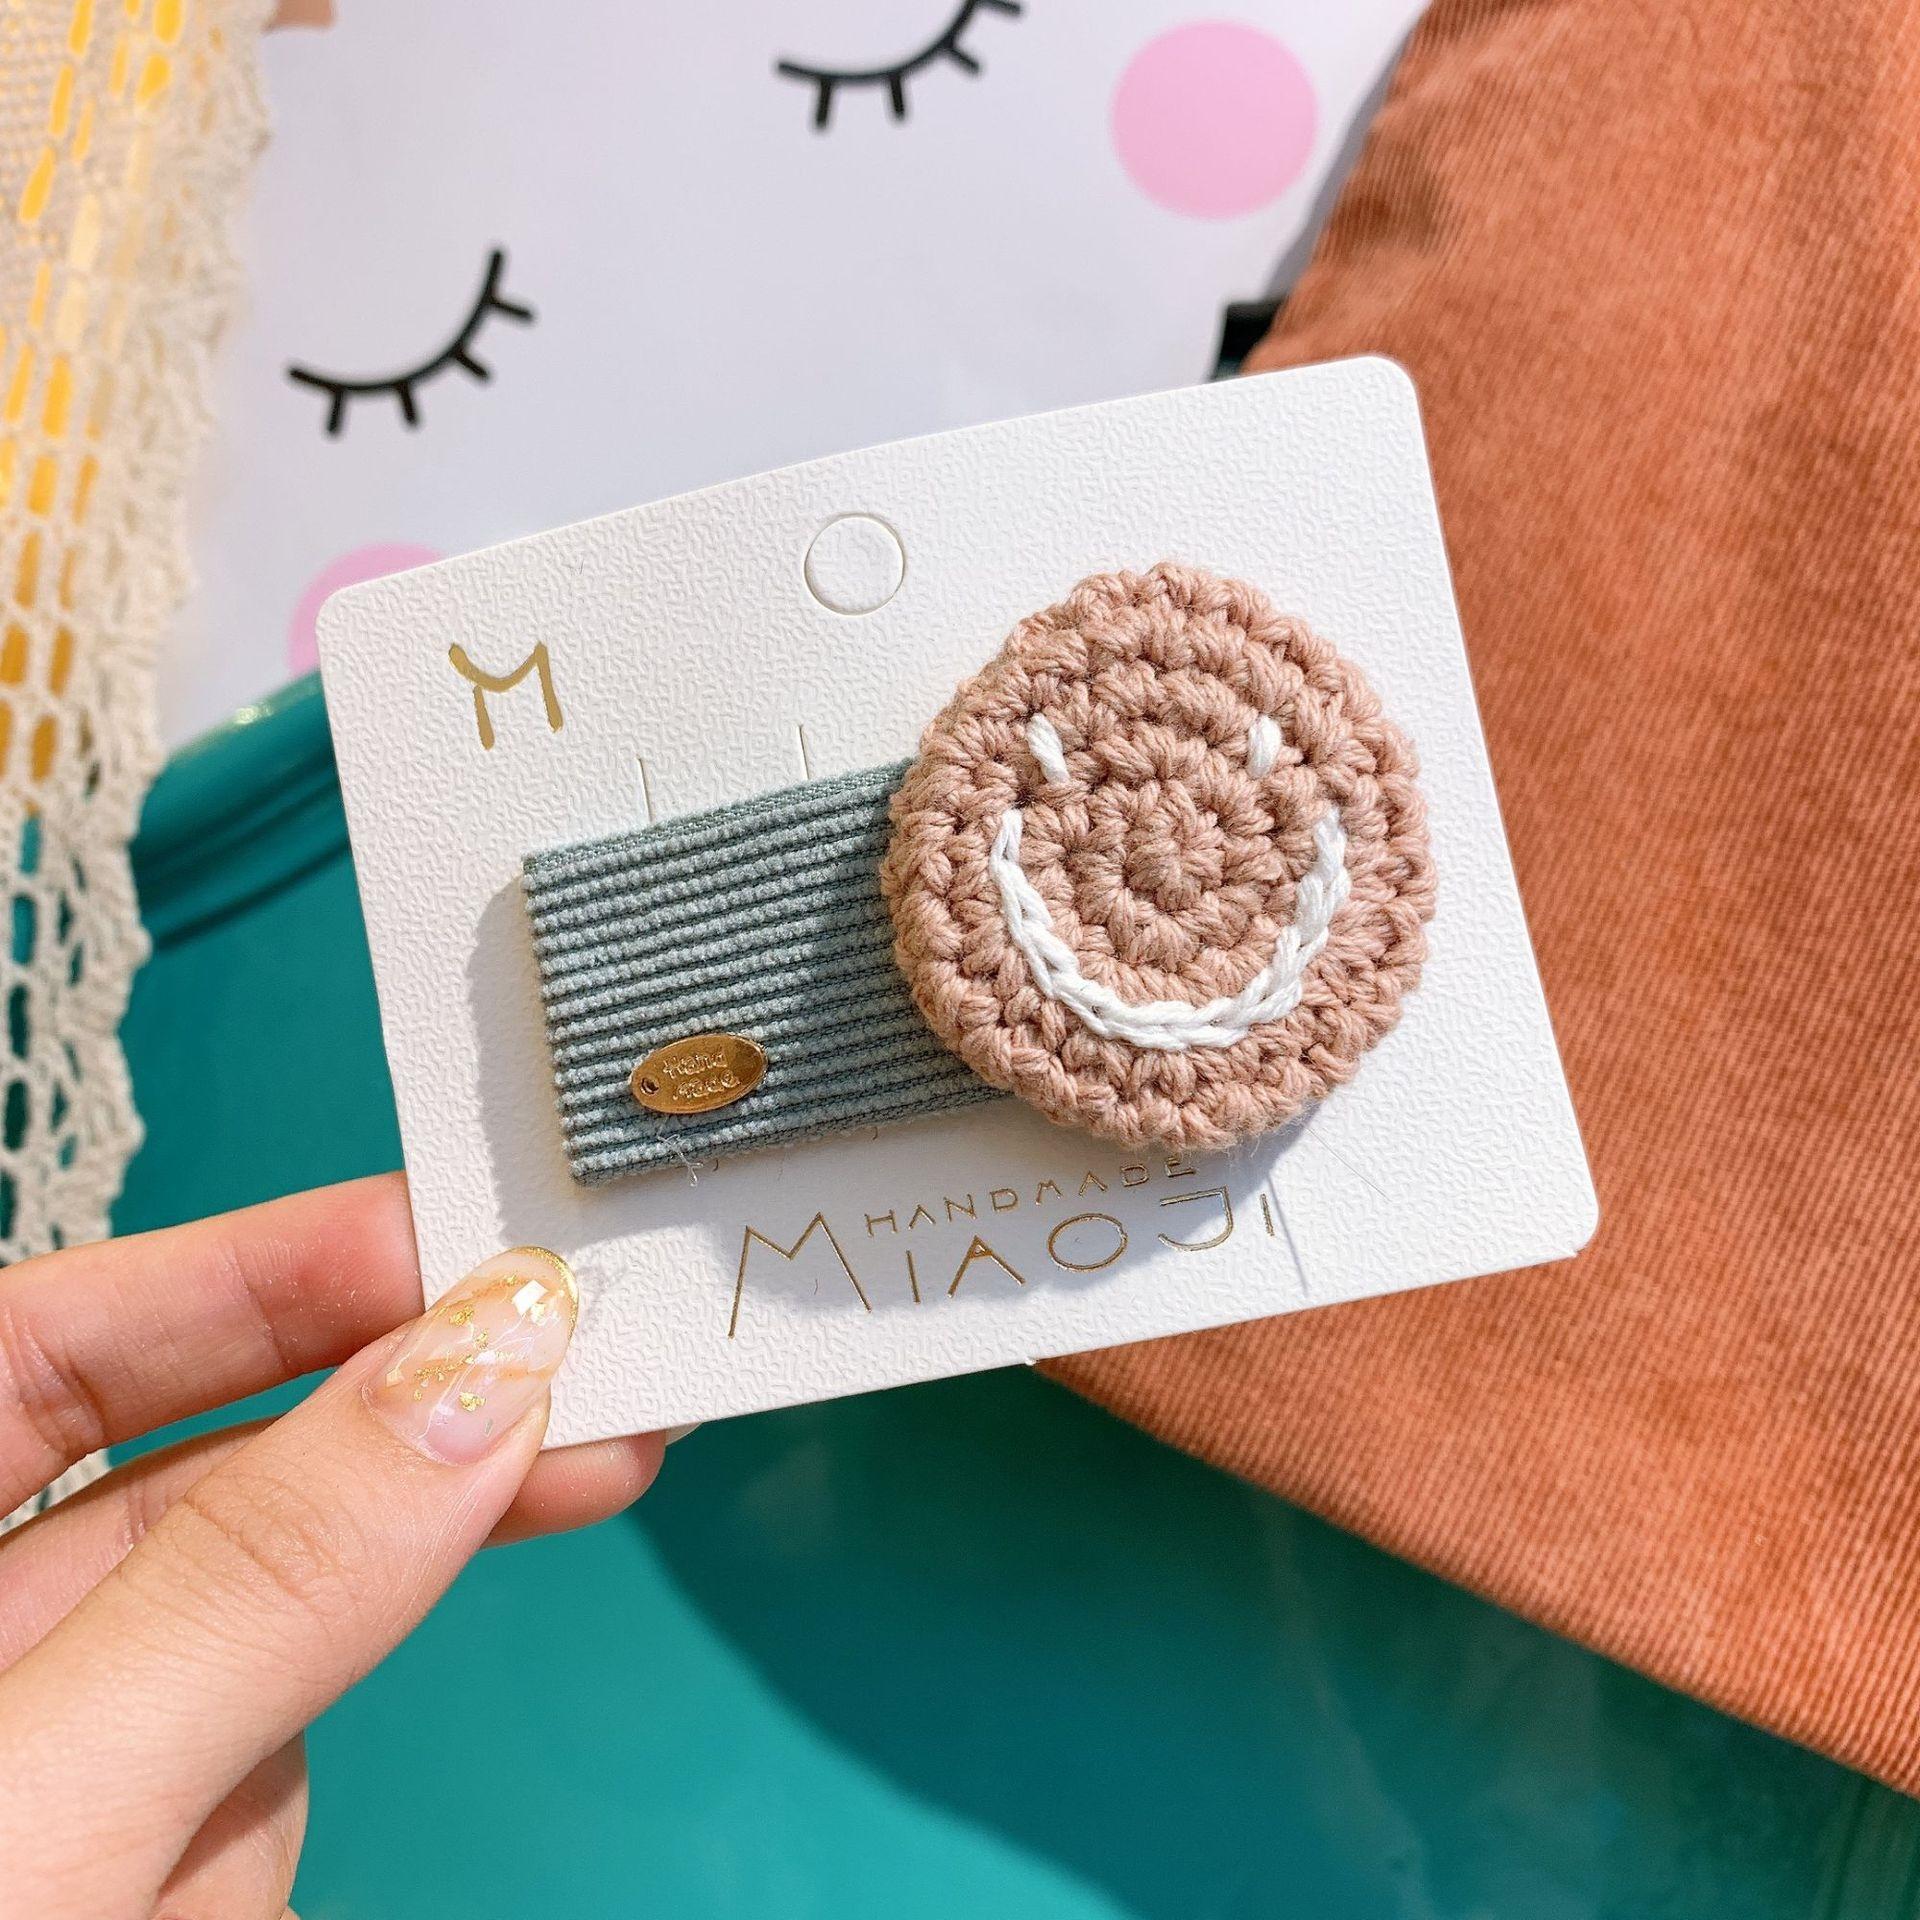 HT8vn coreana bangs tecidos à mão INS celebridade on-line emoticon lado clipe rosto grampo de cabelo de lã lã bonito simples all-jogo para as meninas